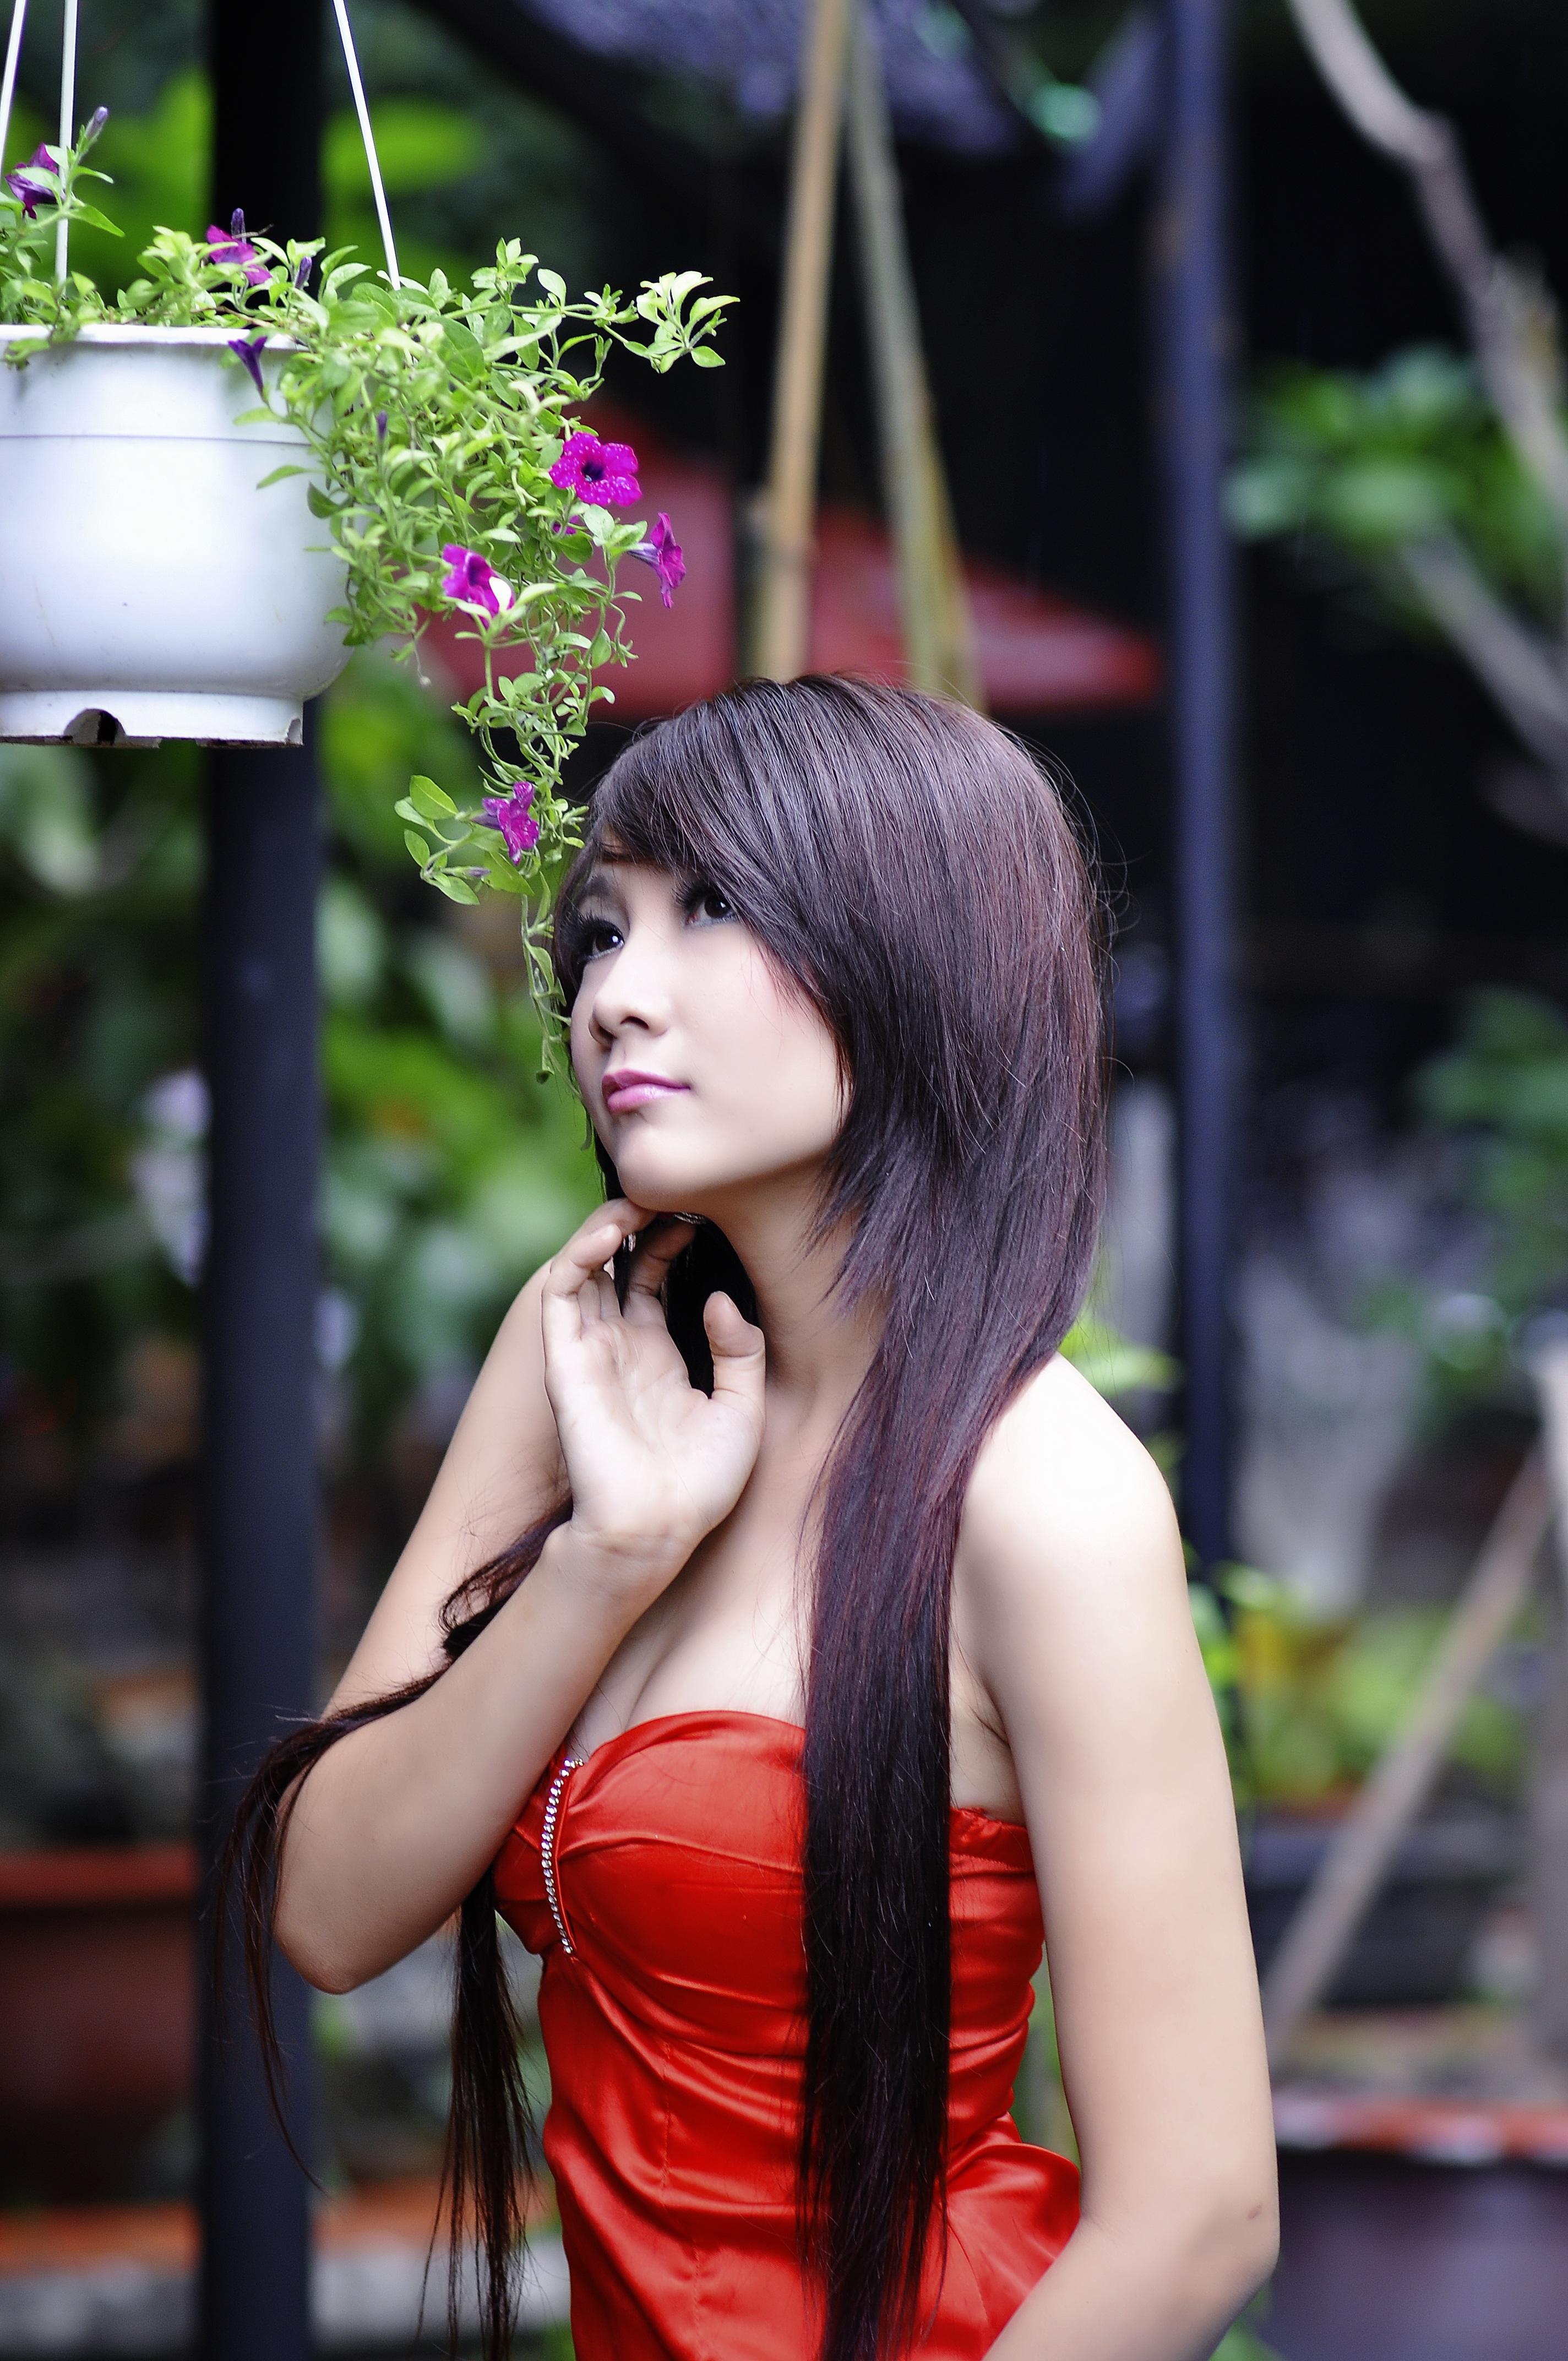 Pretty Asian Woman 29